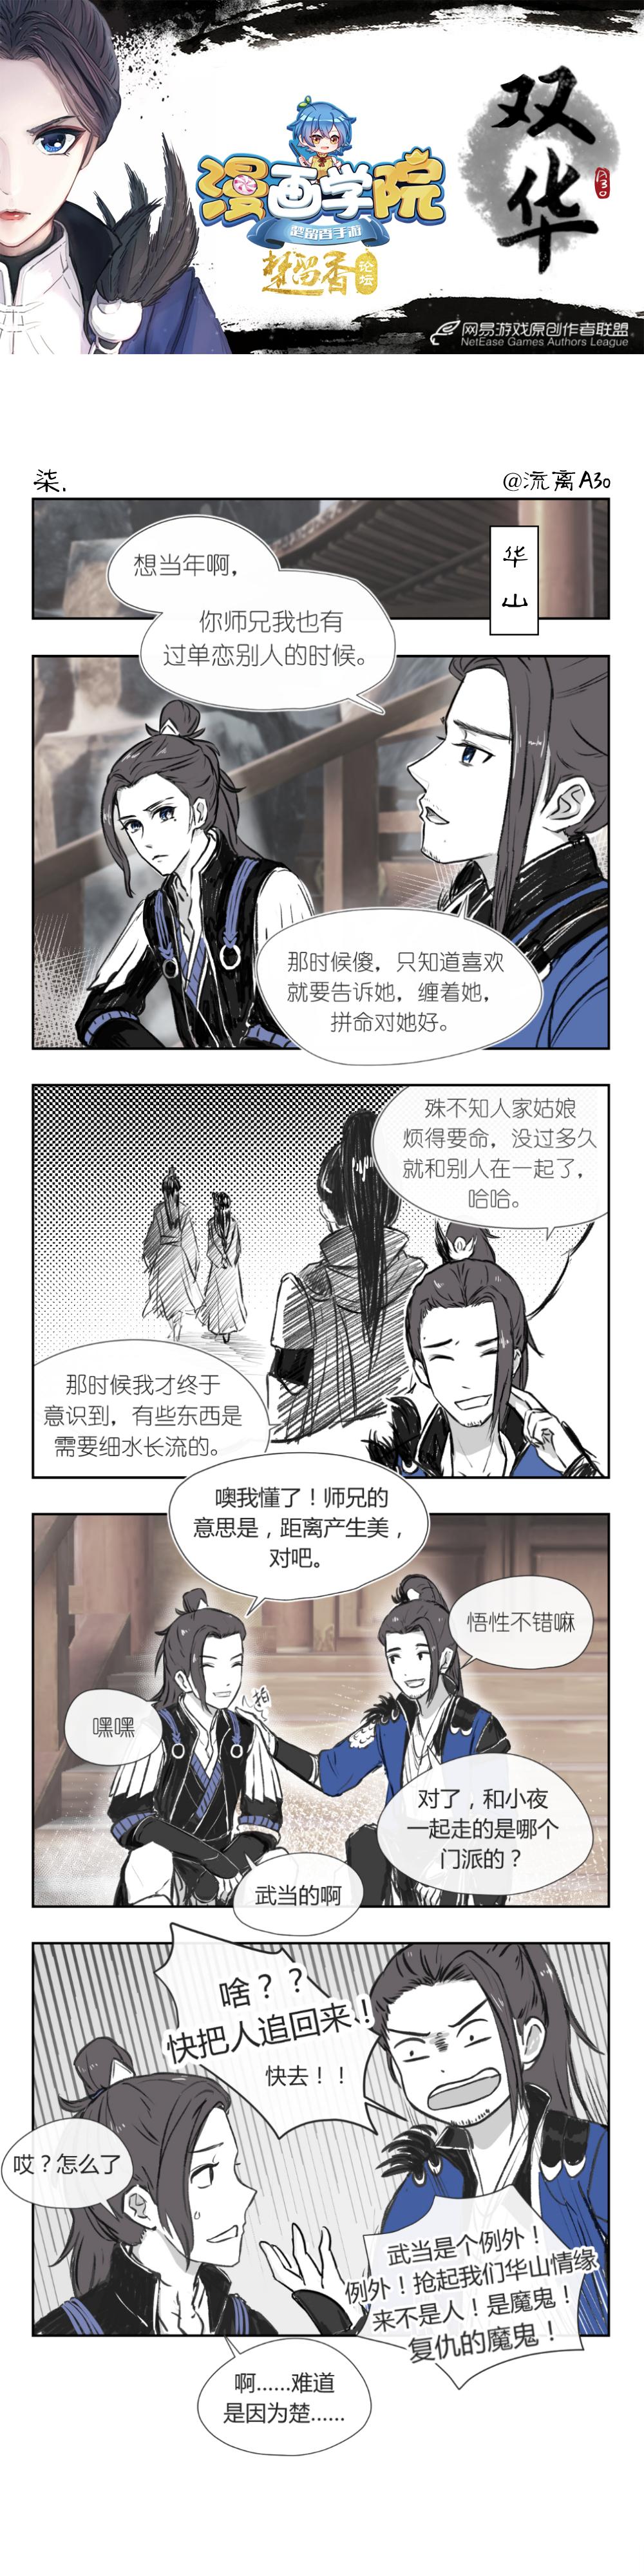 【原创作者联盟】【漫画学院】[双华7]被楚遗风坑惨了的华山弟子